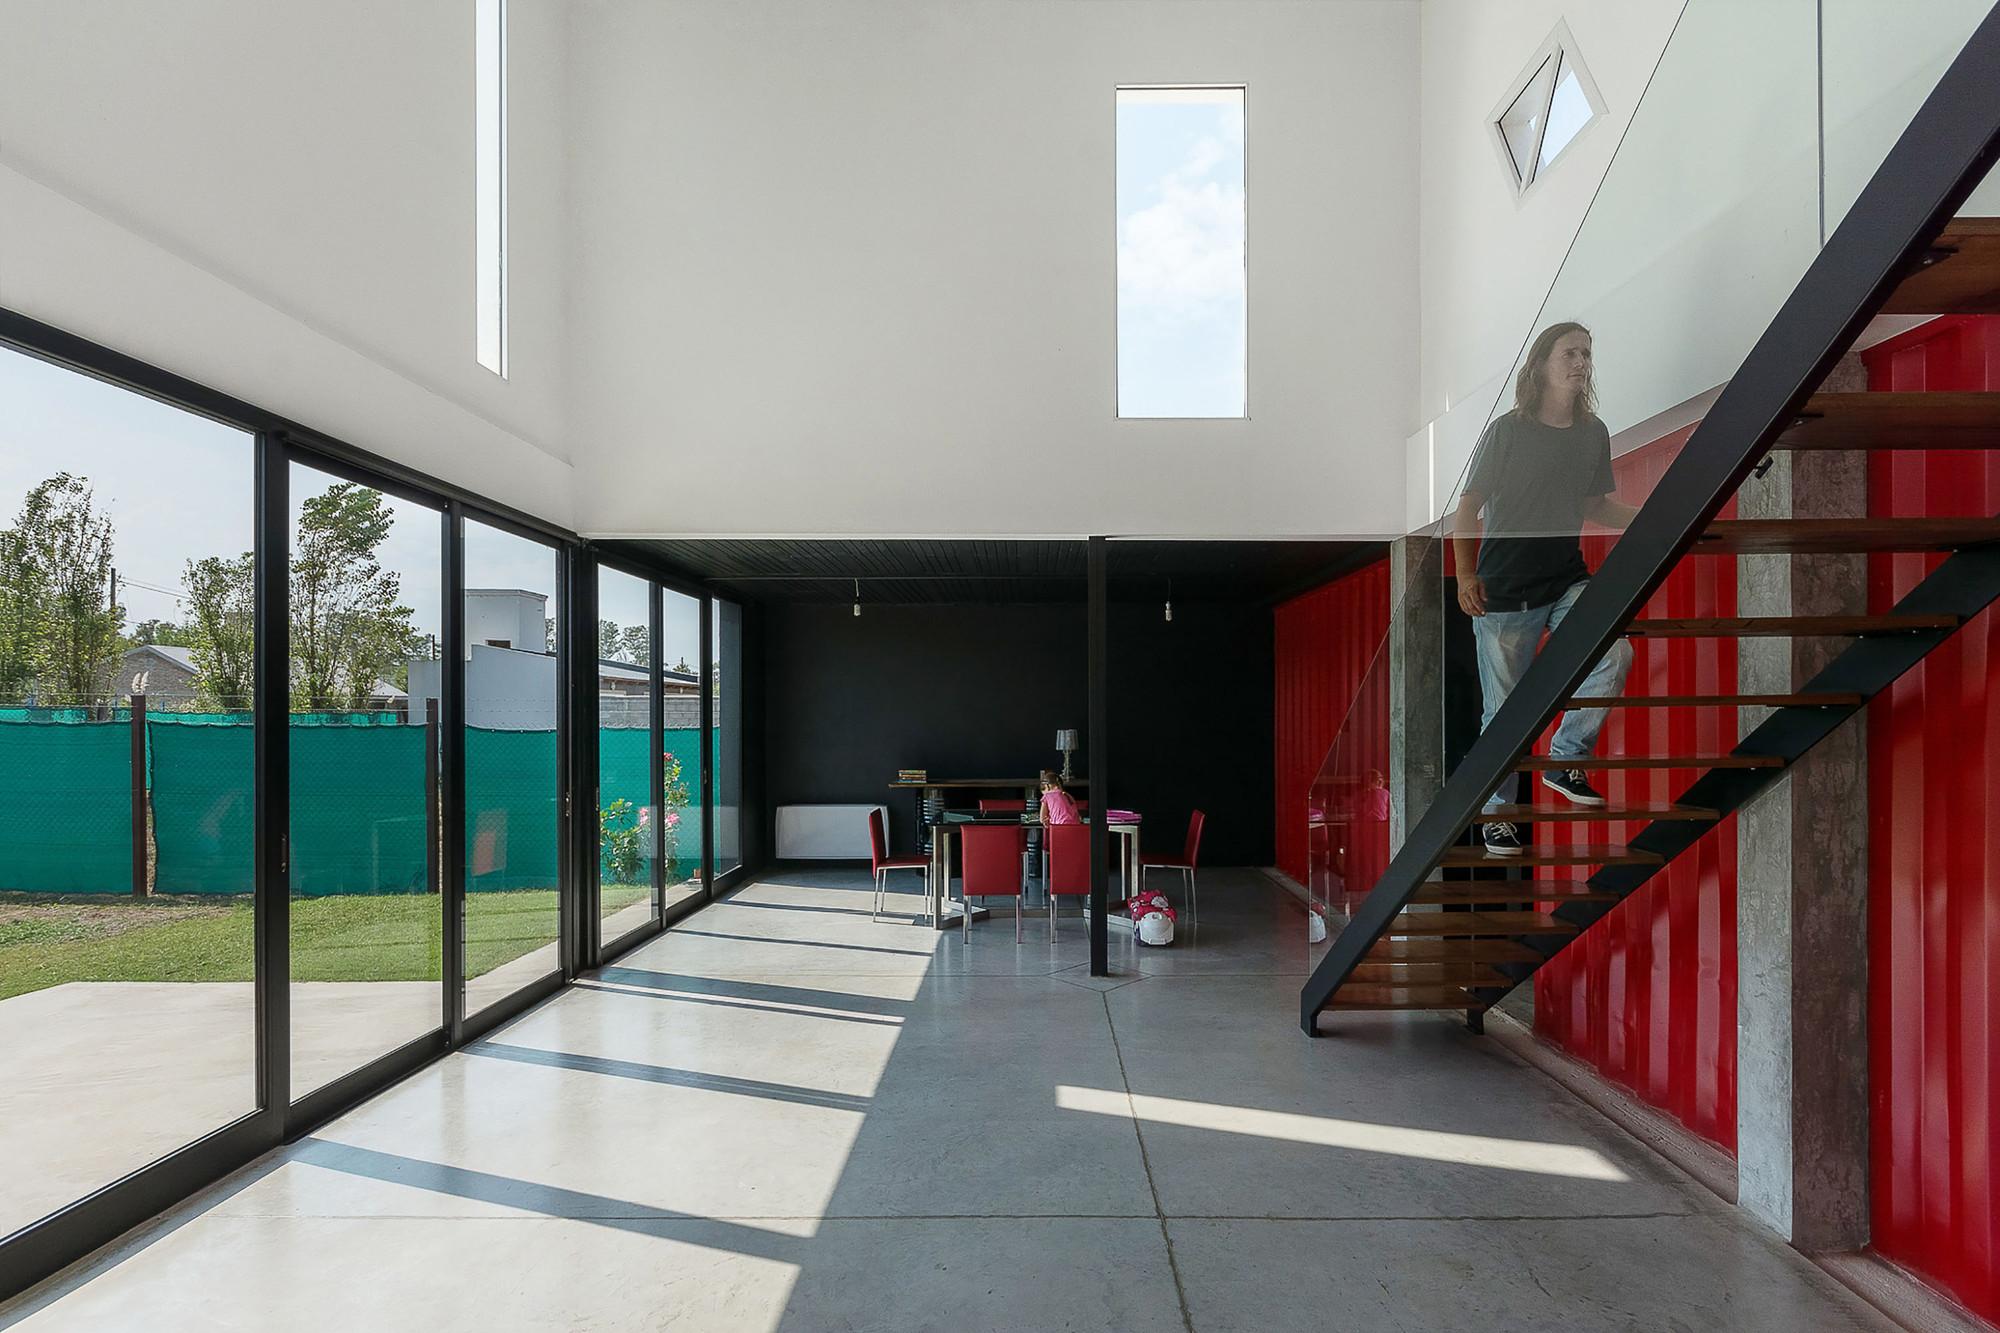 Casa Container / José Schreiber Arquitecto, © Ramiro Sosa